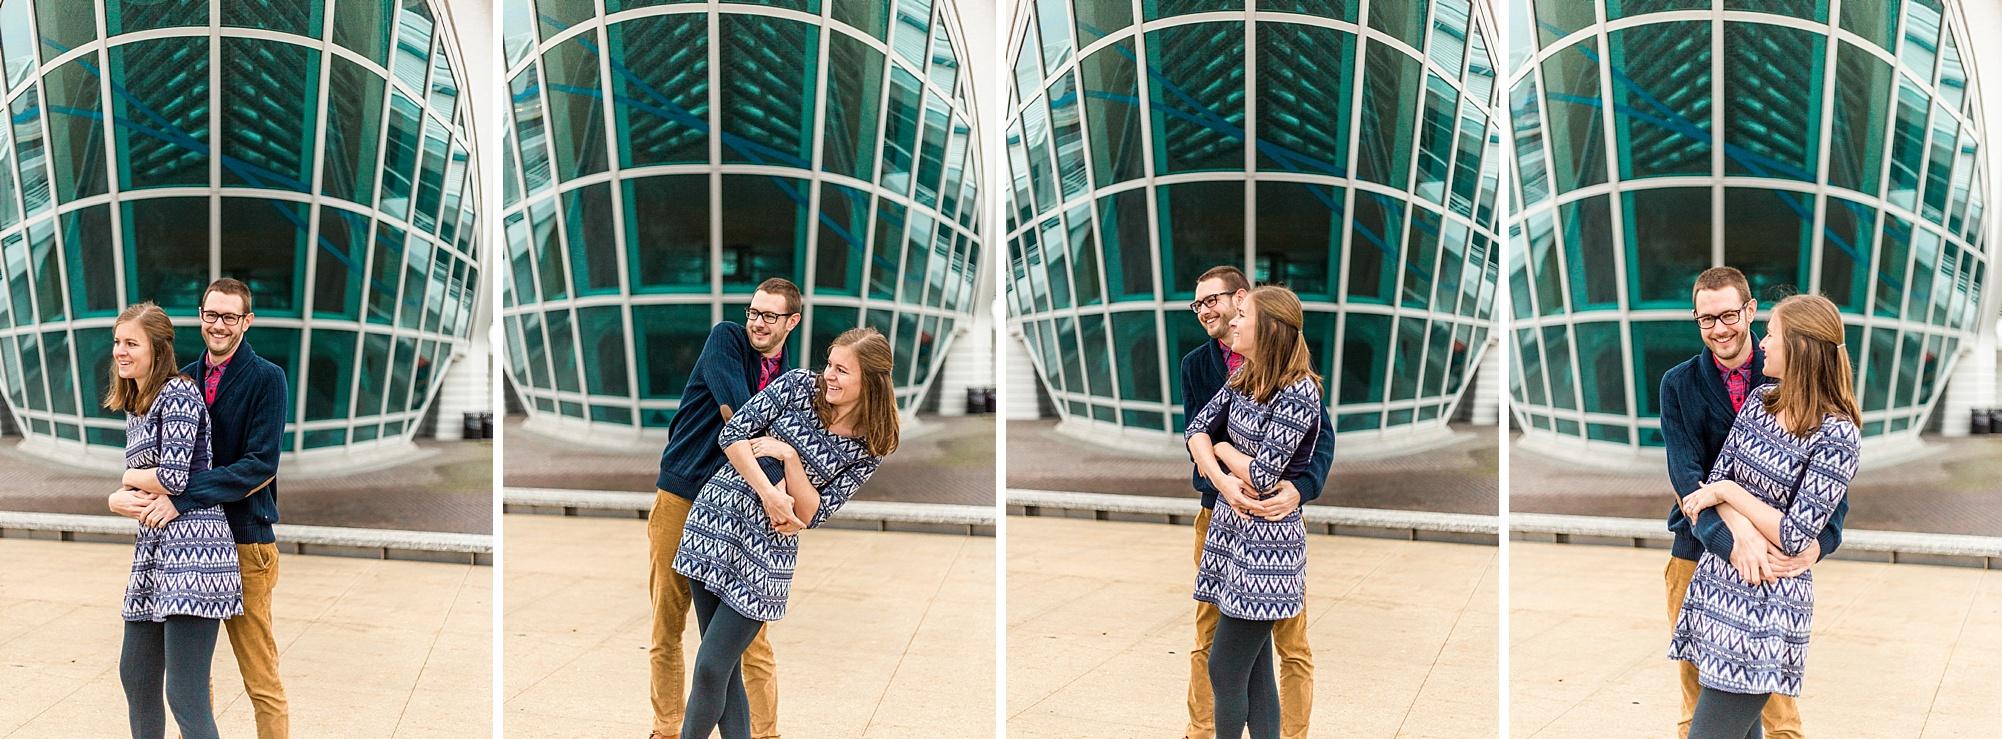 HaleyKingCo_Engagement_EliseBen_11.jpg